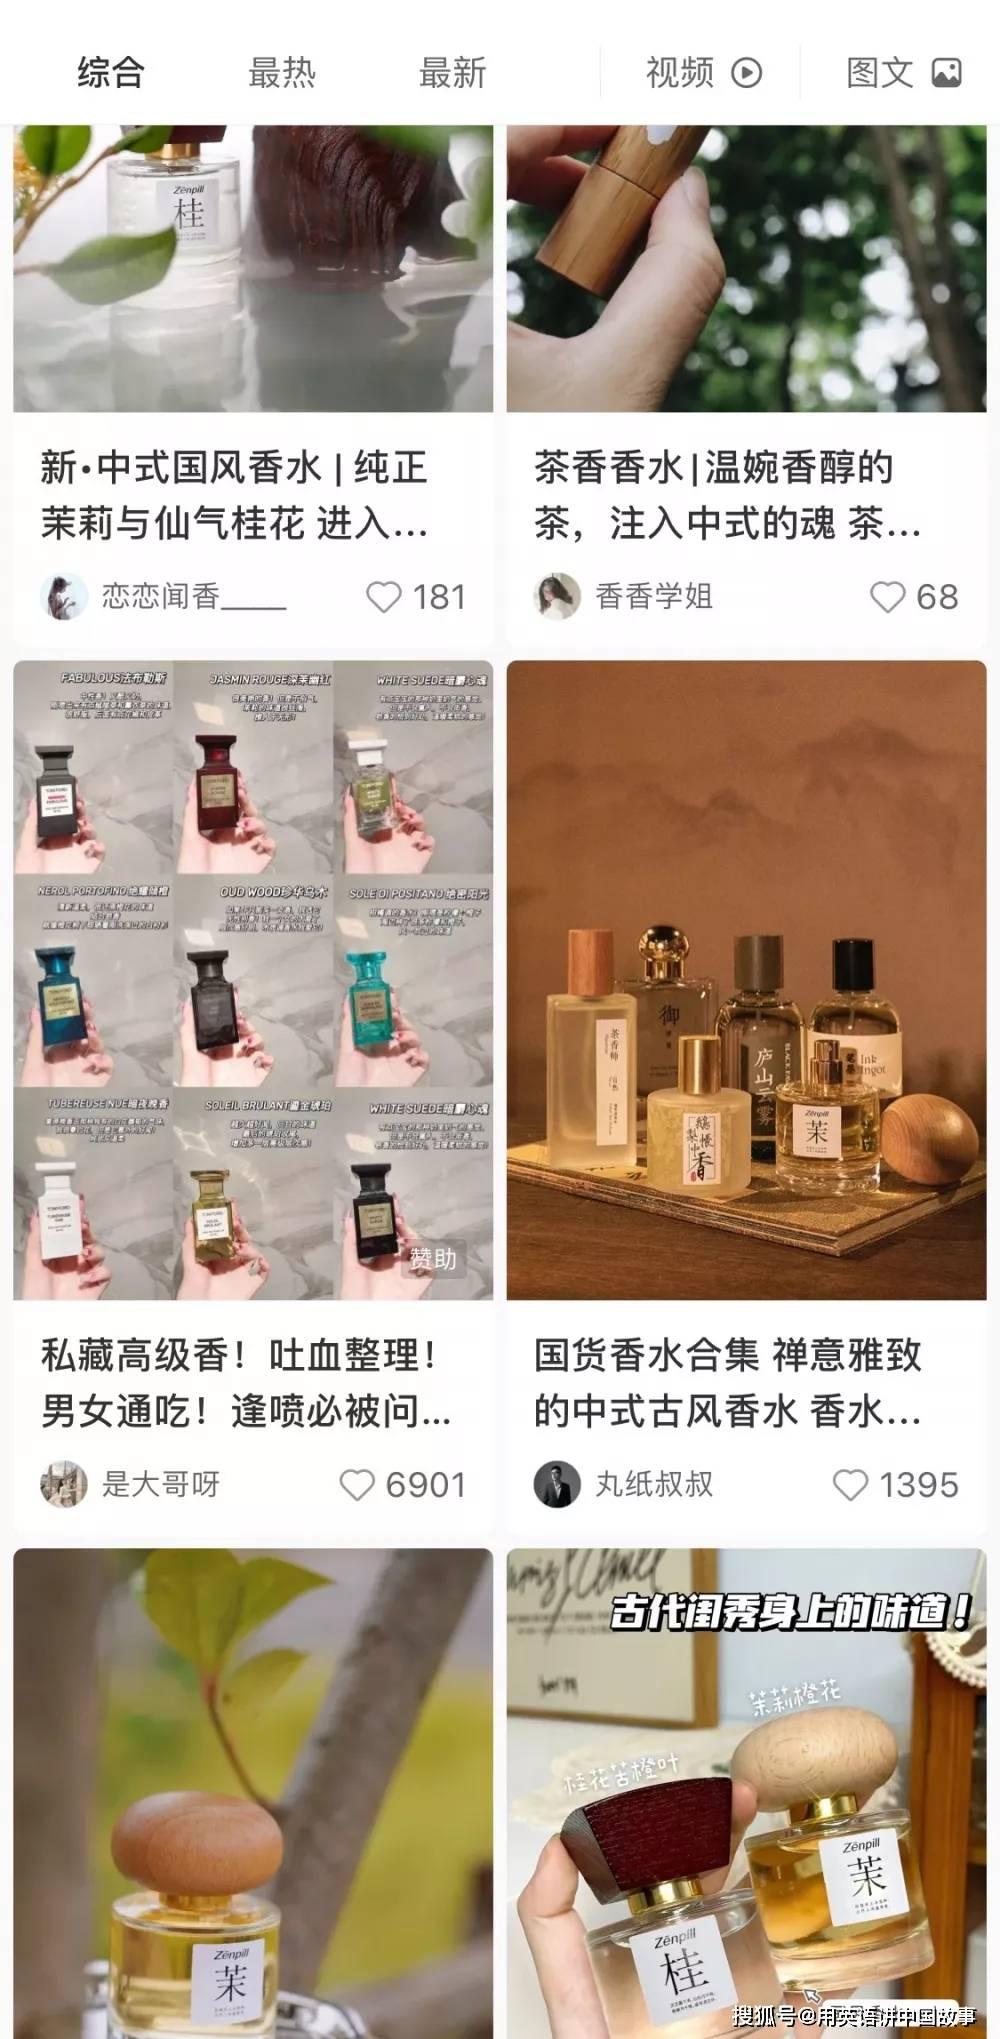 """""""中式香""""刷屏小红书:取悦人类的嗅觉,中国古人很在行"""